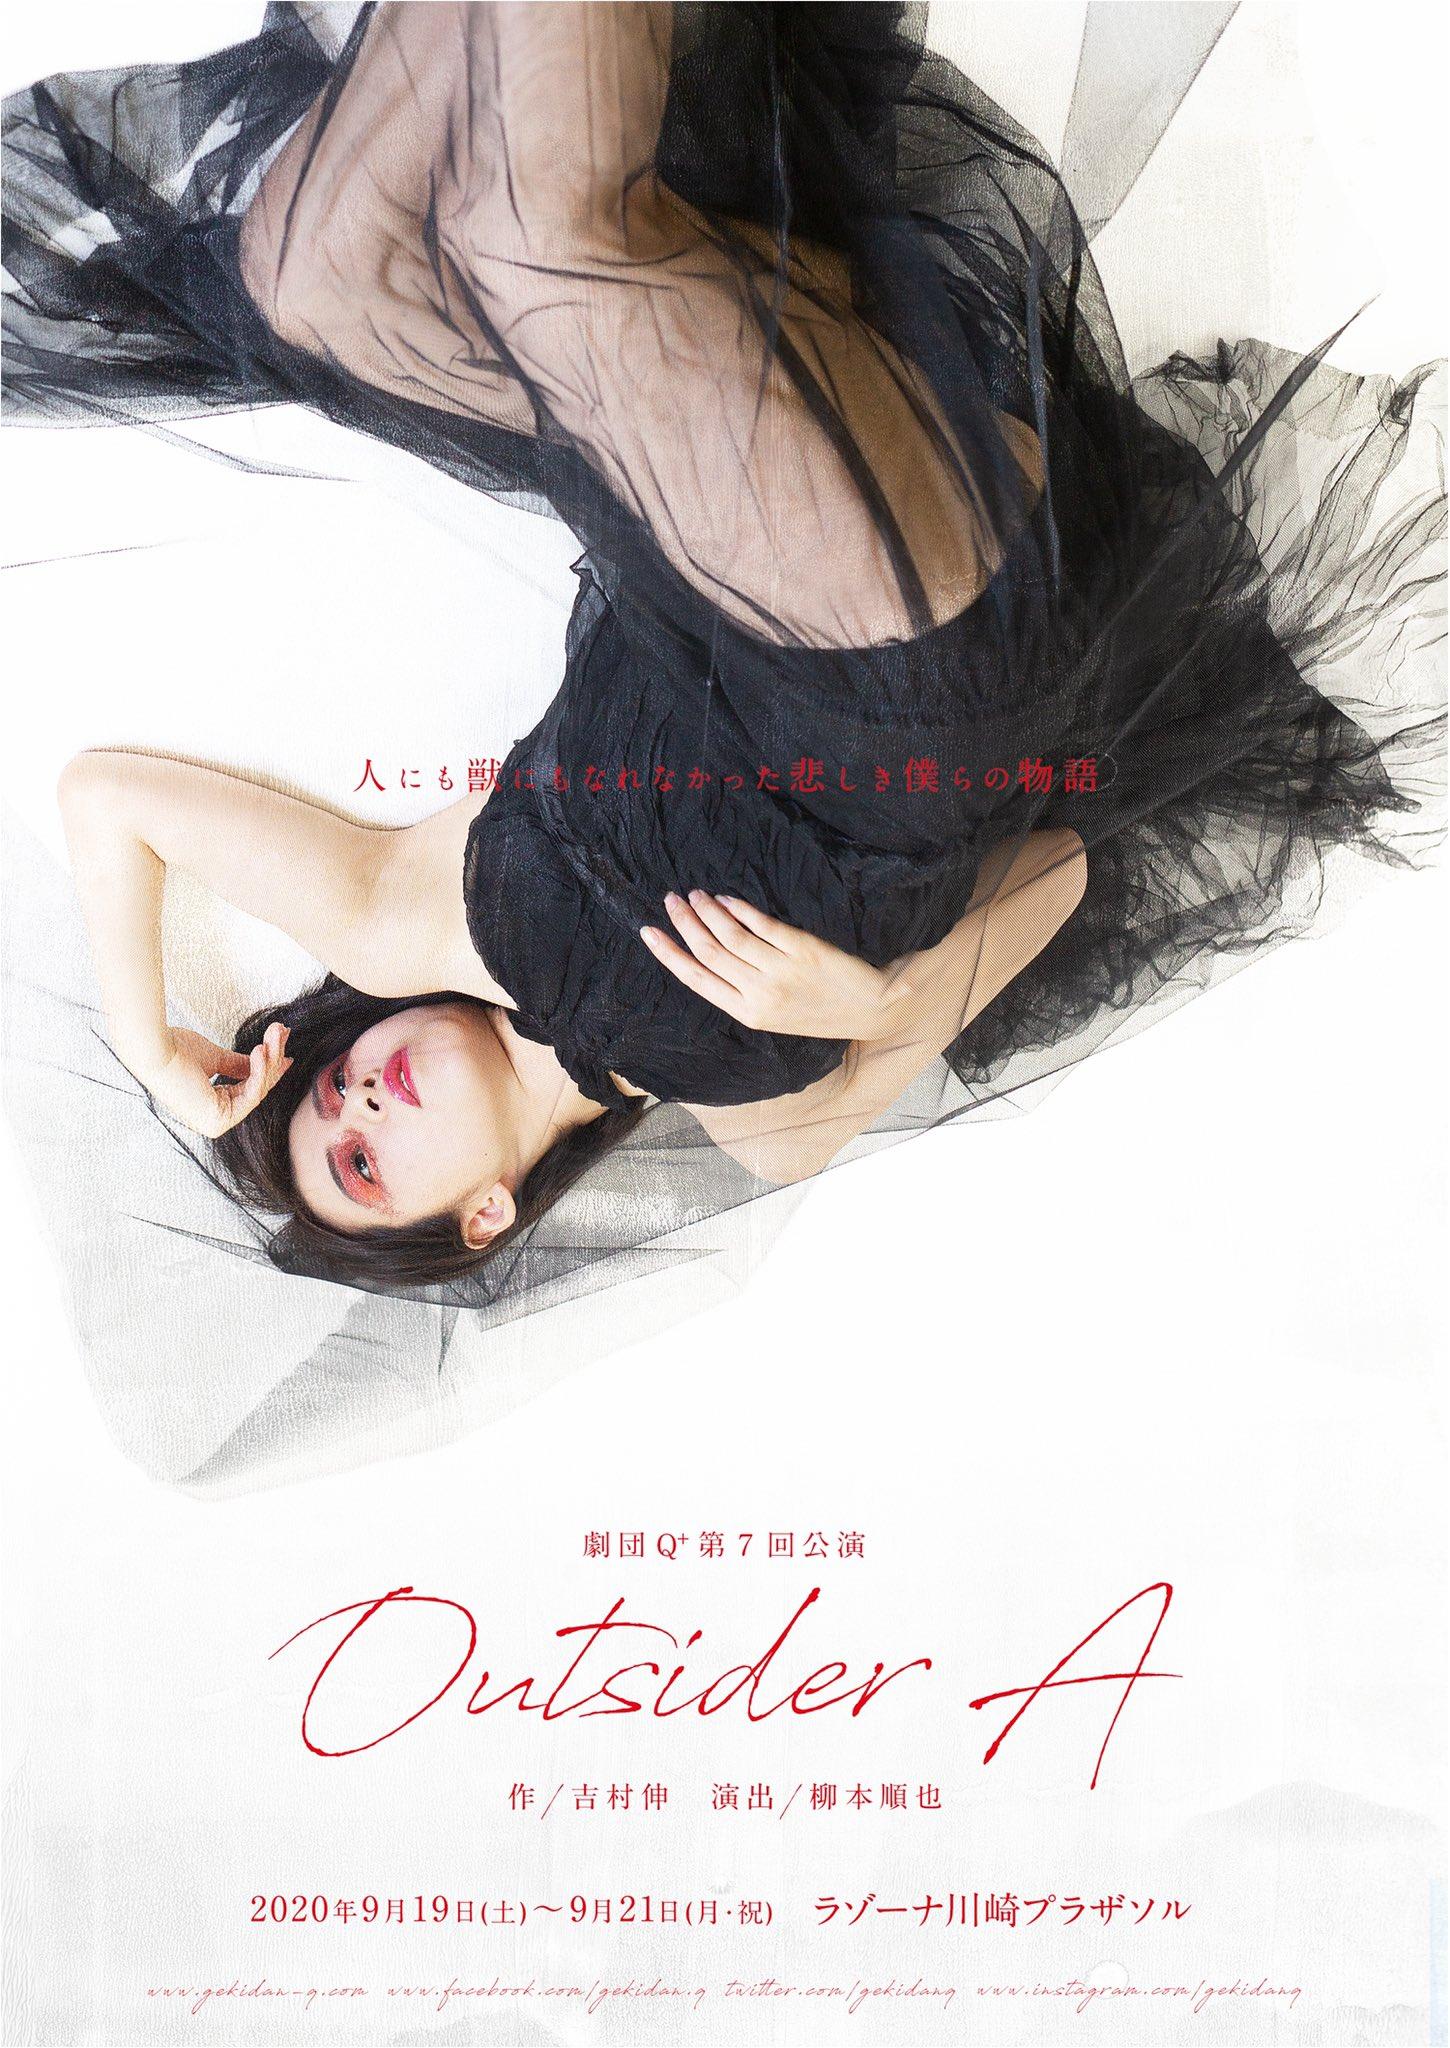 オーディション 劇団Q+ 第7回公演「Outsider A」出演者オーディション 主催:劇団Q+、カテゴリ:舞台